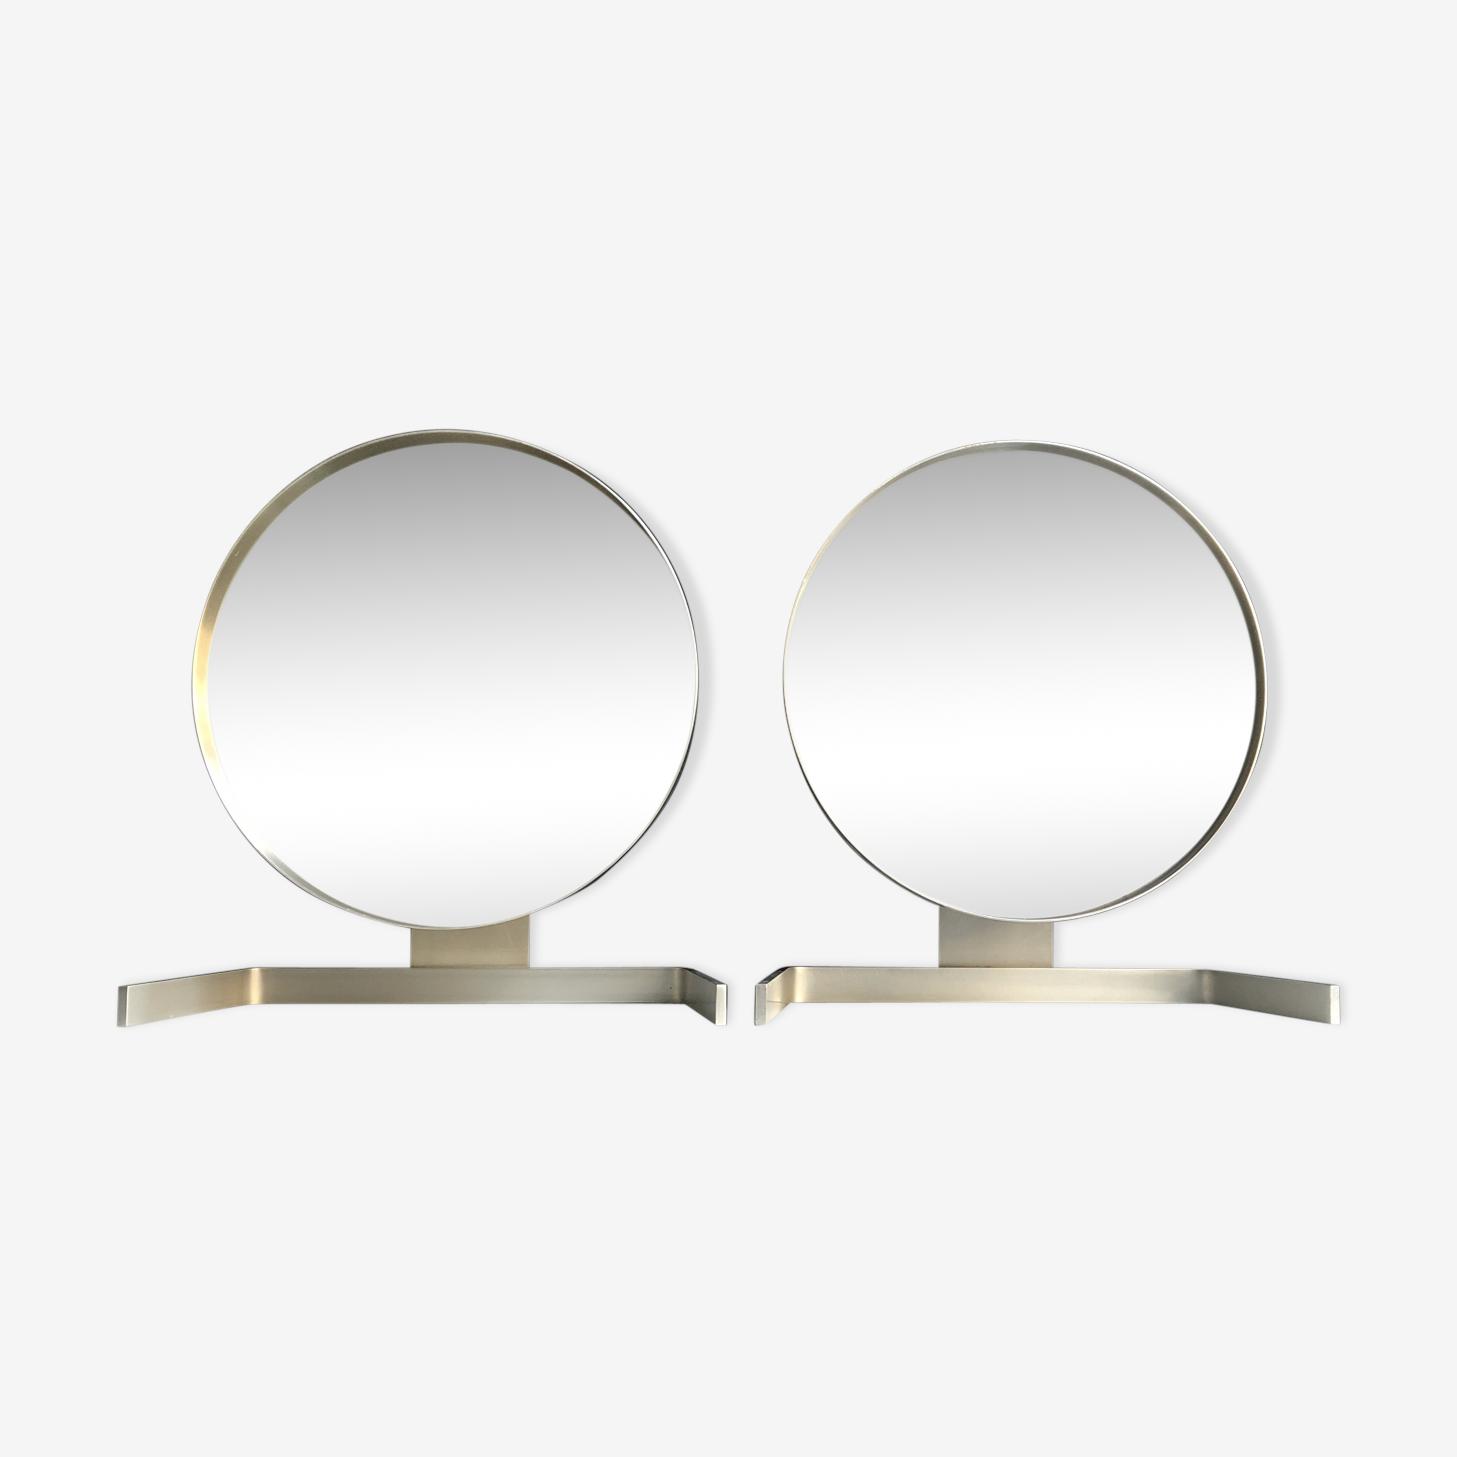 Mirrors 70s 44x46cm